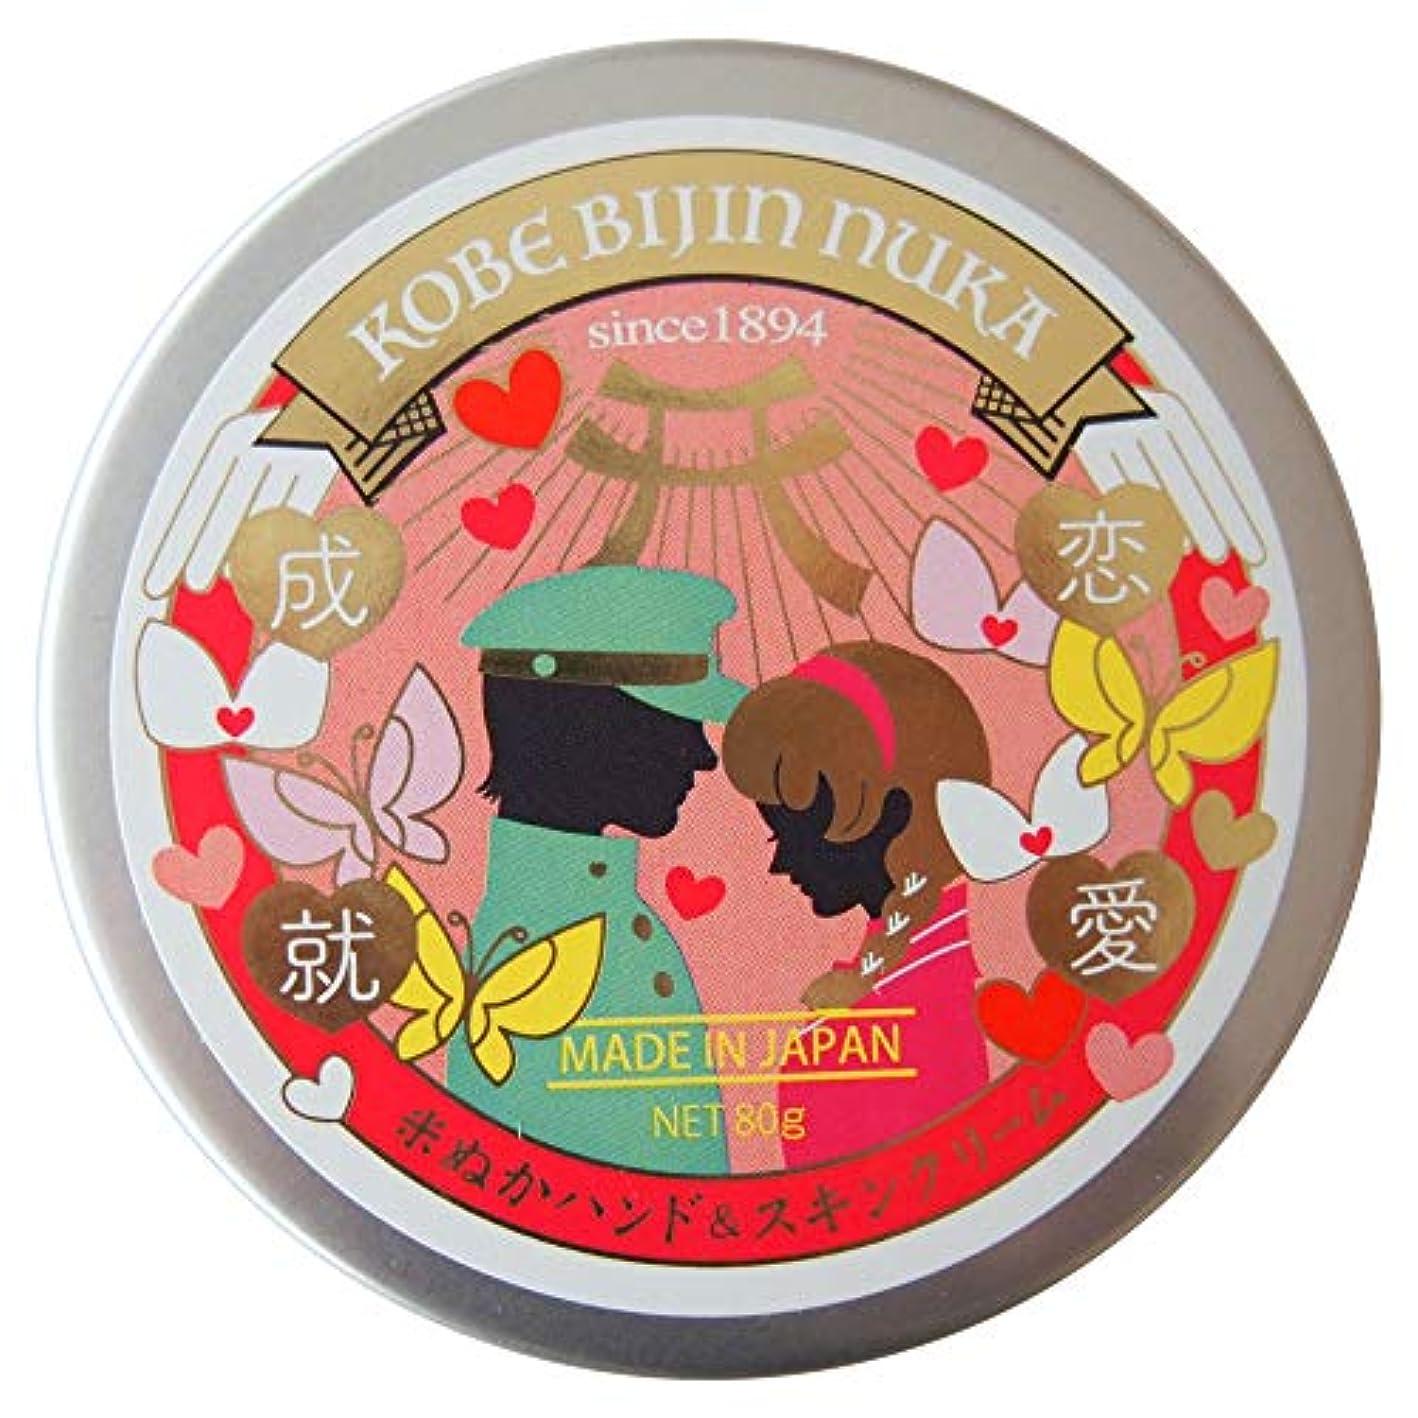 メモカウントストライド神戸美人ぬか 米ぬかハンド&スキンクリーム(恋愛成就)【キュートフローラルの香り】 80g